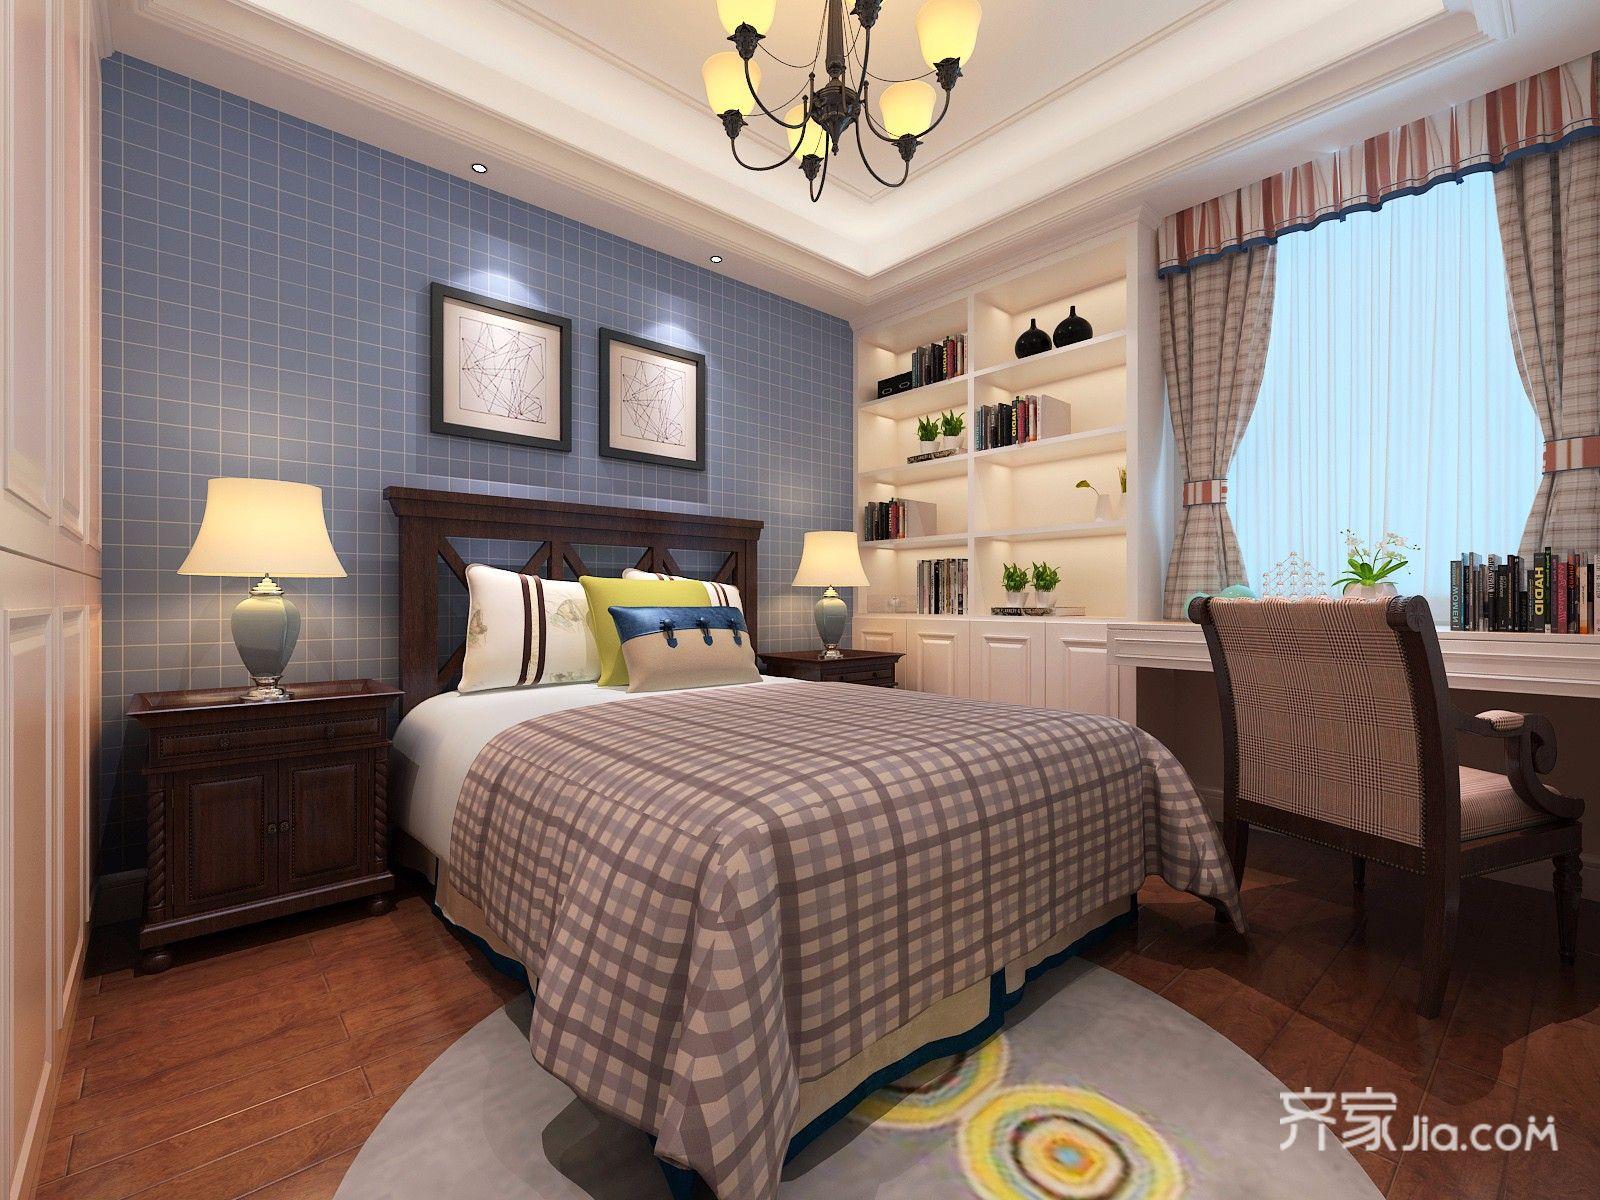 145平米美式风格卧室装修效果图